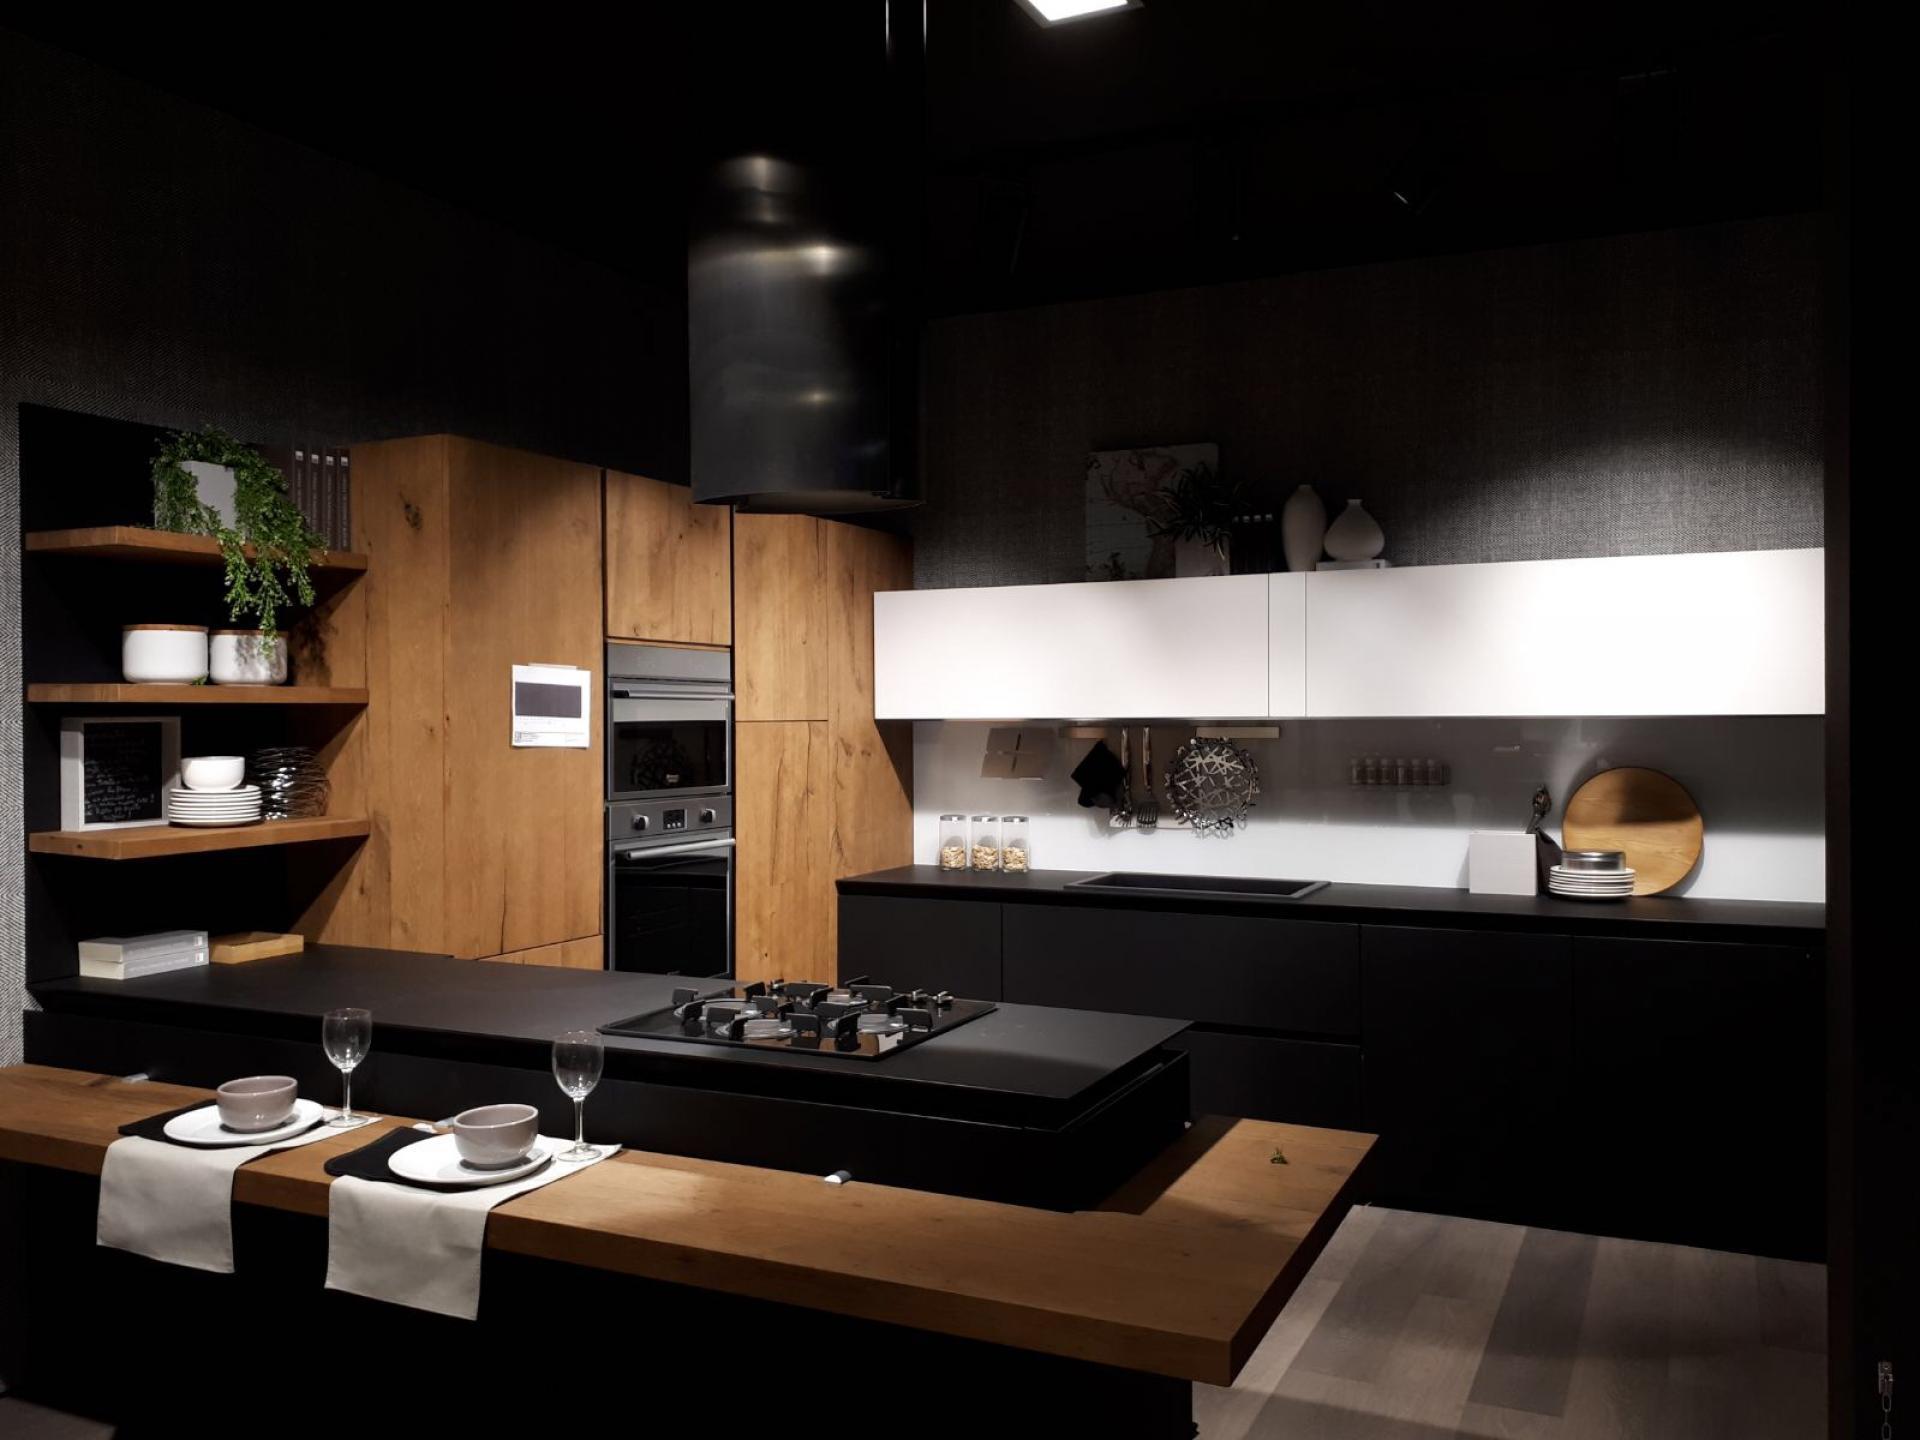 Nuovo evento per il Gruppo Lube a Firenze - Cucine LUBE